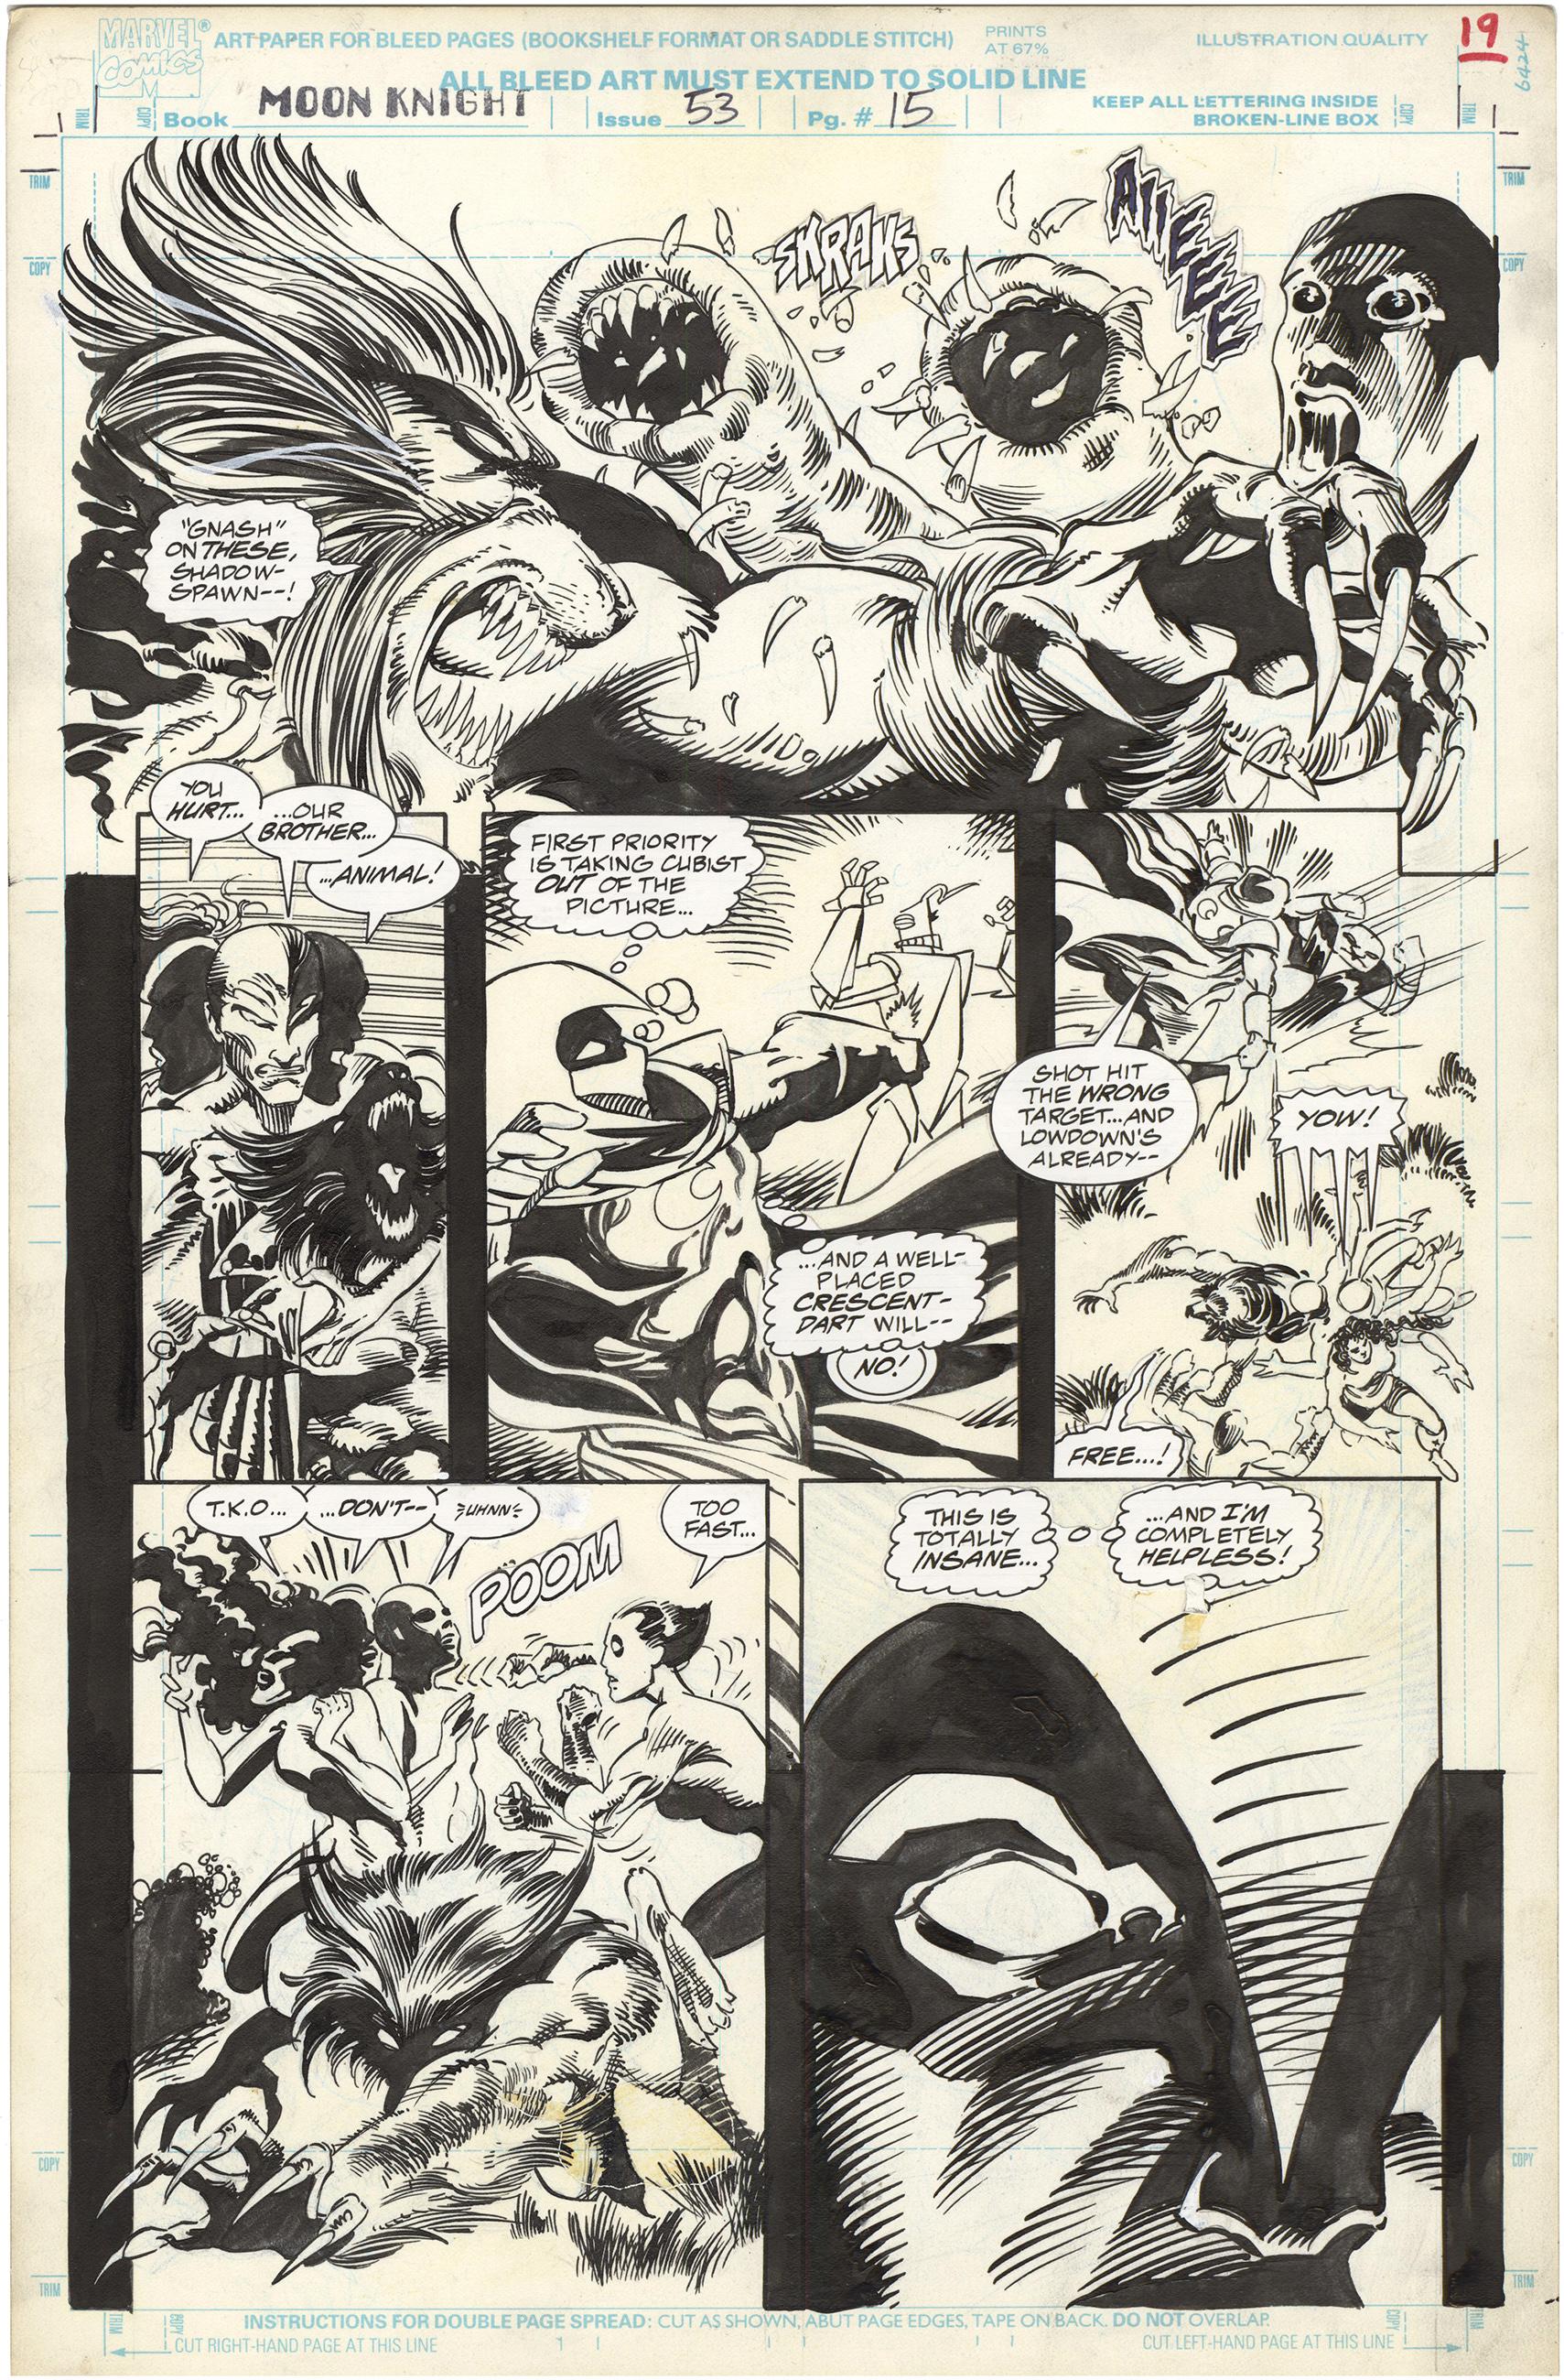 Moon Knight #53 p15